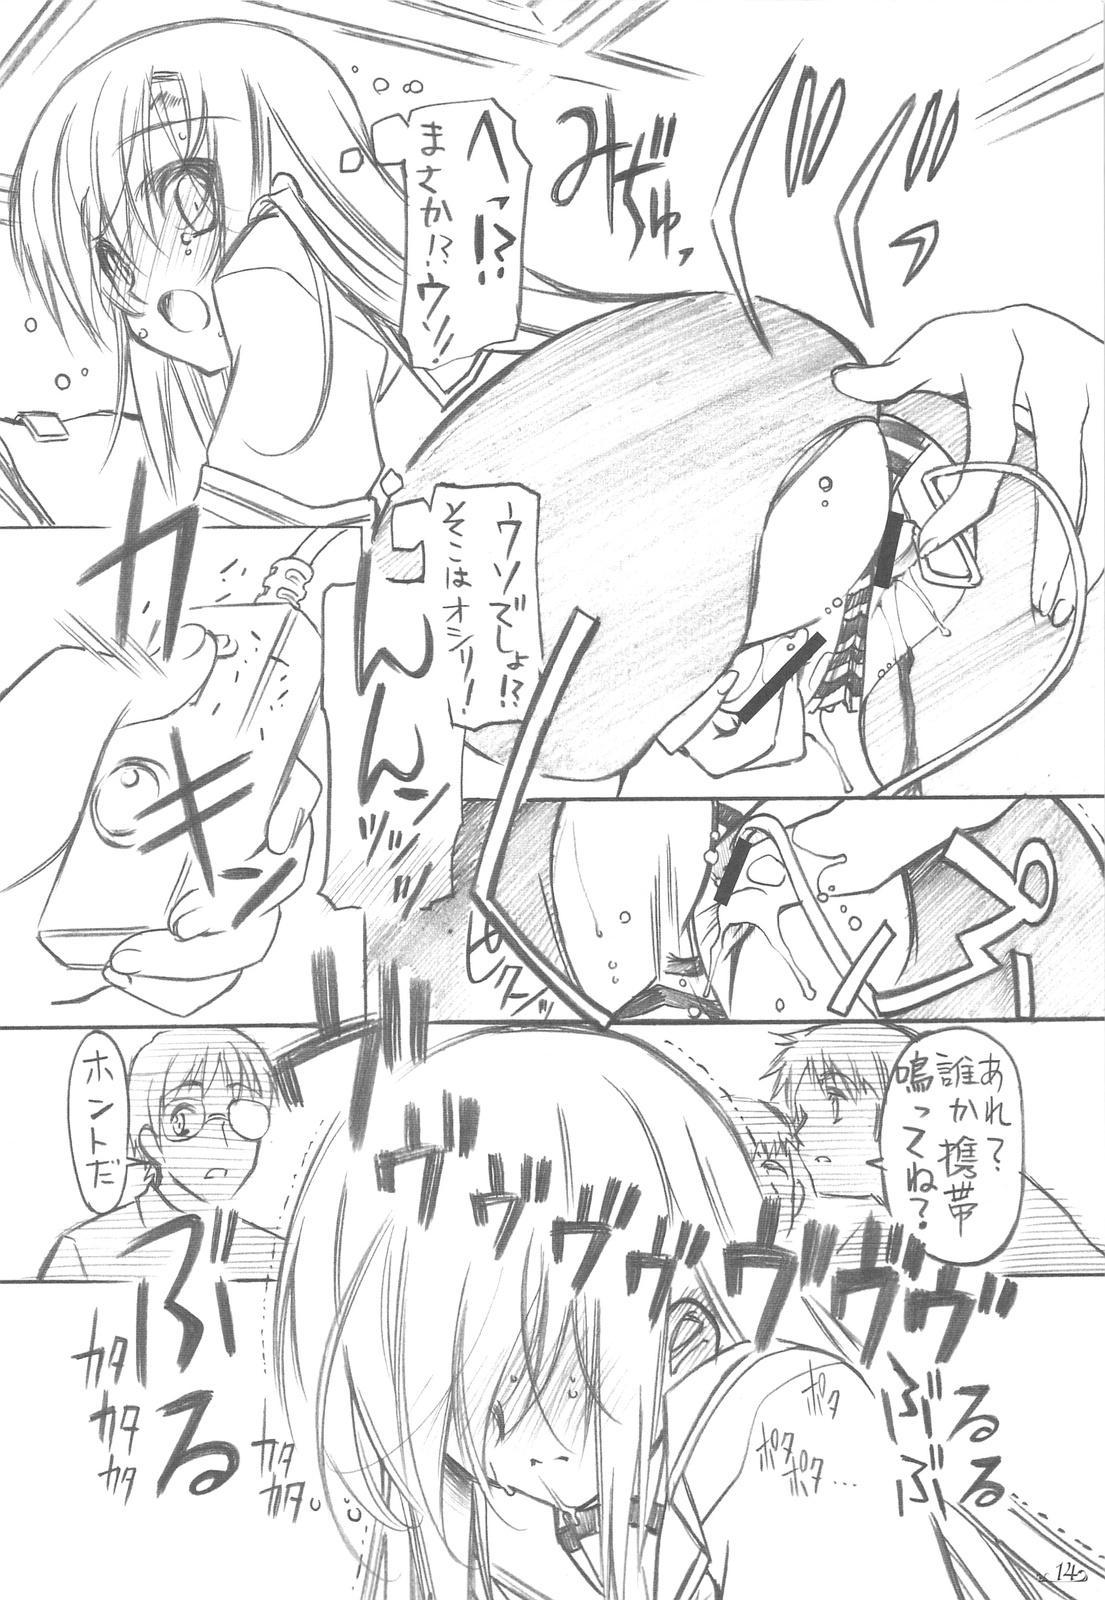 Honogurai Taku no Shita Kara 12